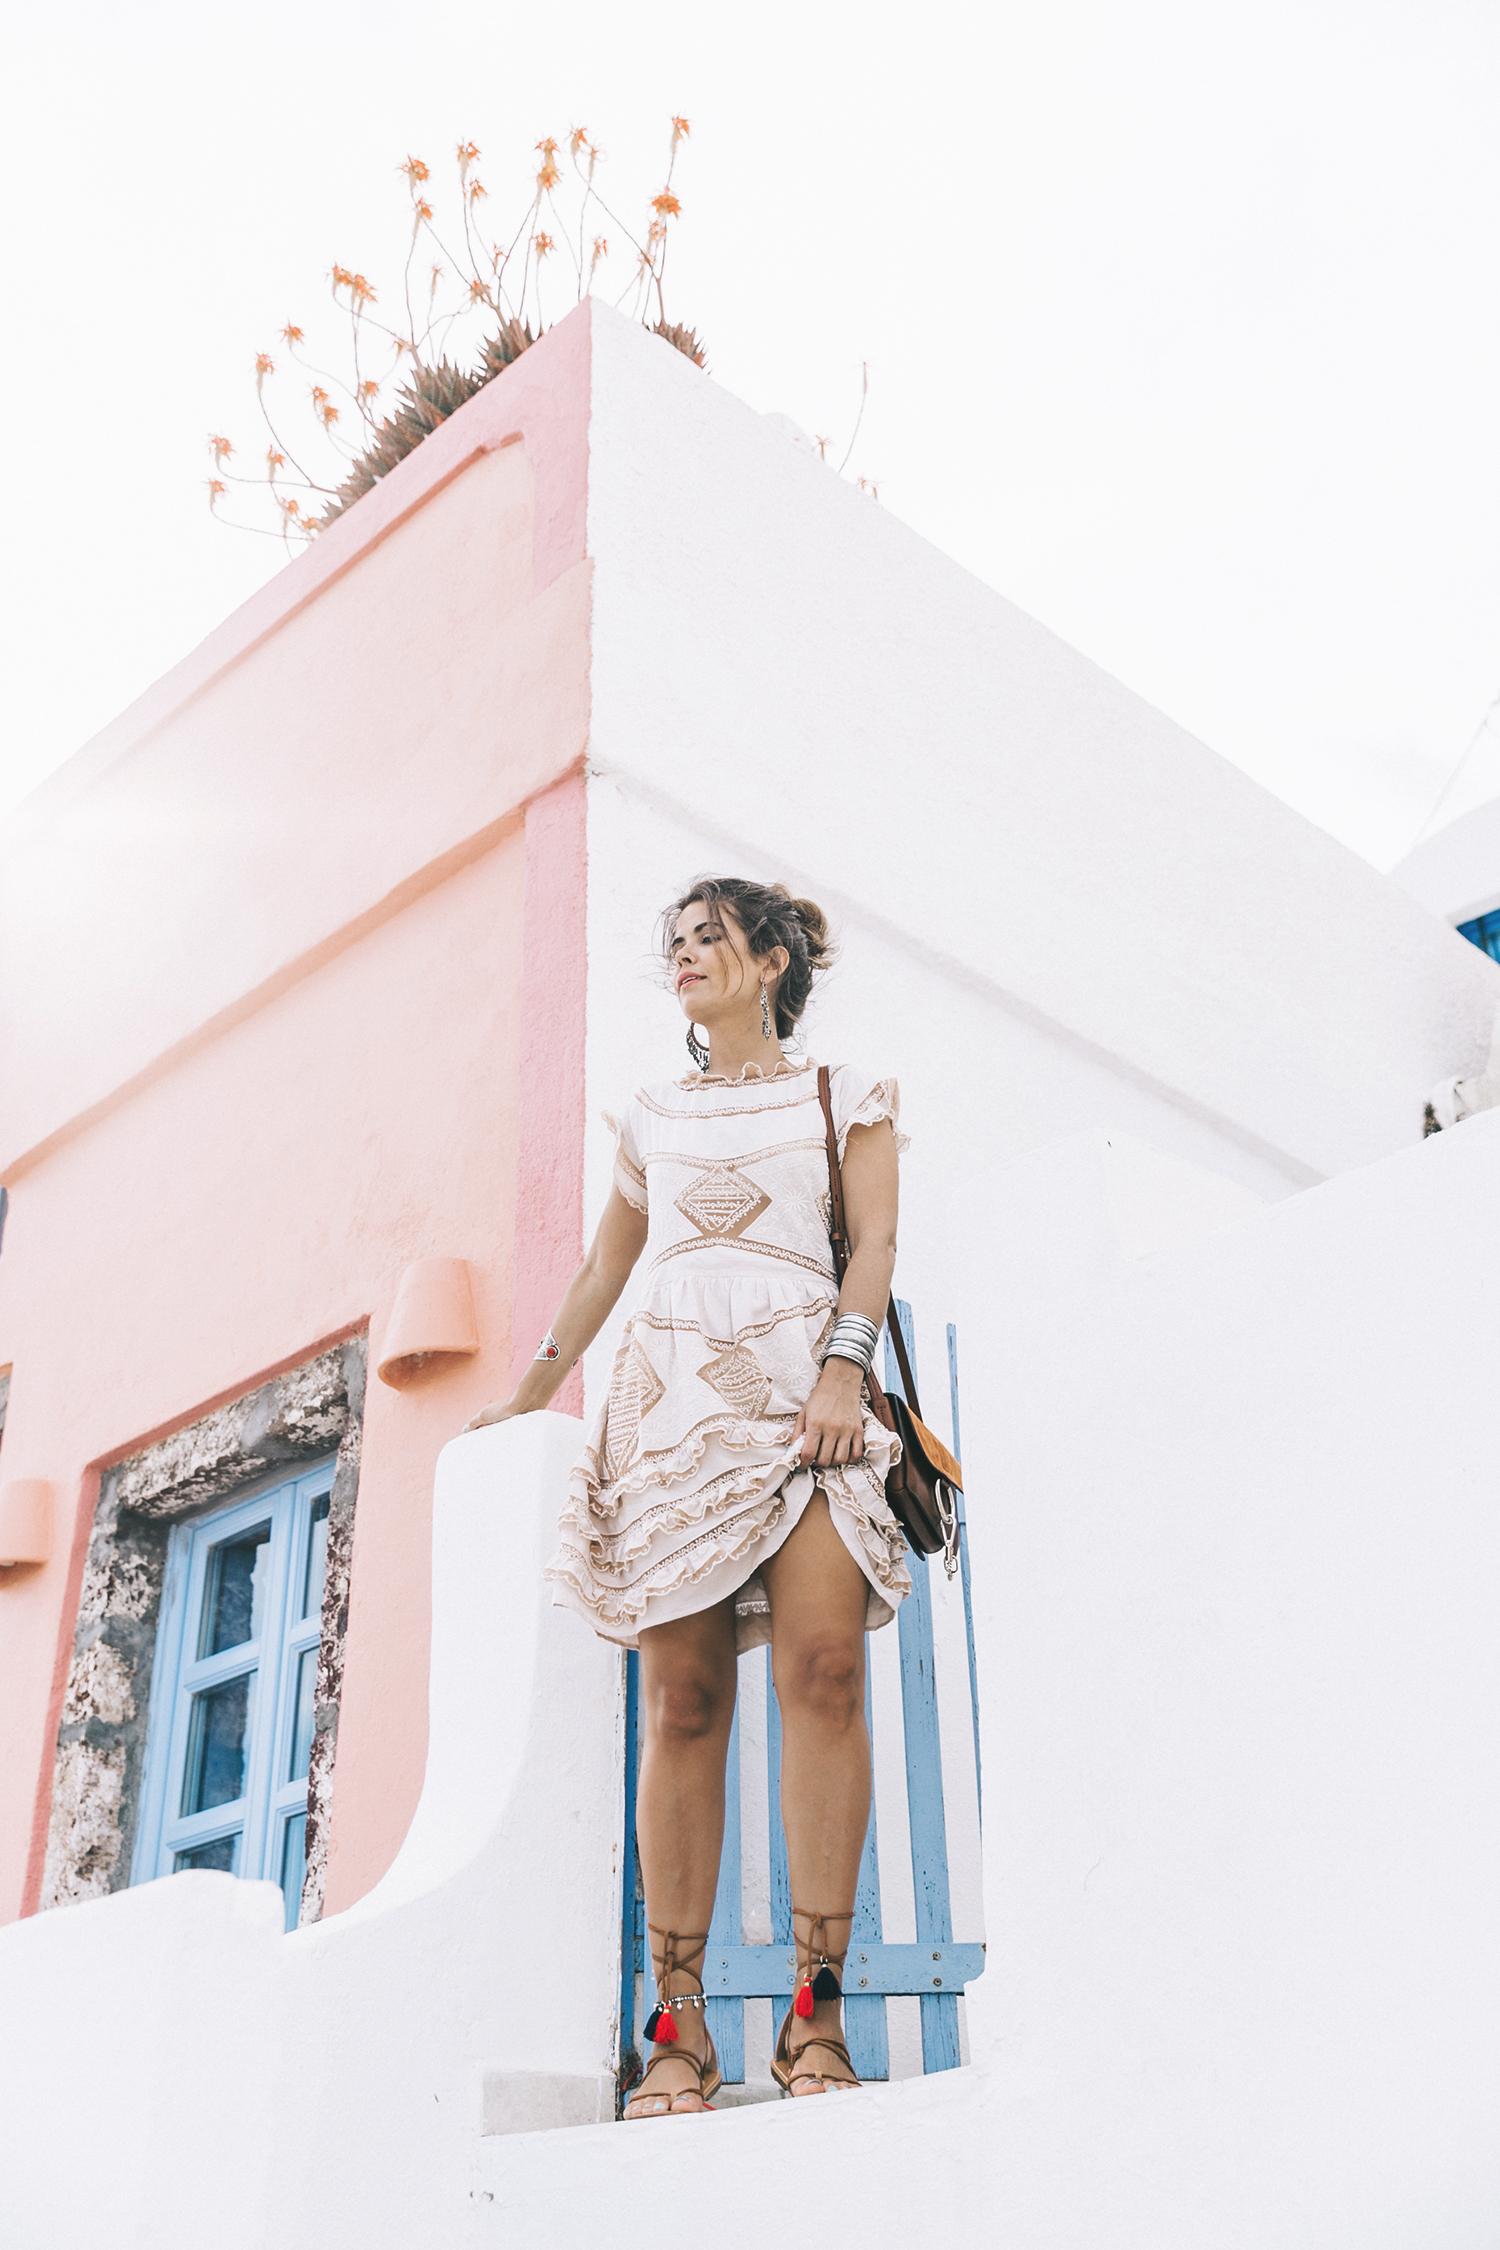 Chloe_Bag-Faye_Bag-For_Love_And_Lemons-Dress-Topknot-Soludos_Escapes-Soludos_Espadrilles-Summer-Santorini-Collage_Vintage-15